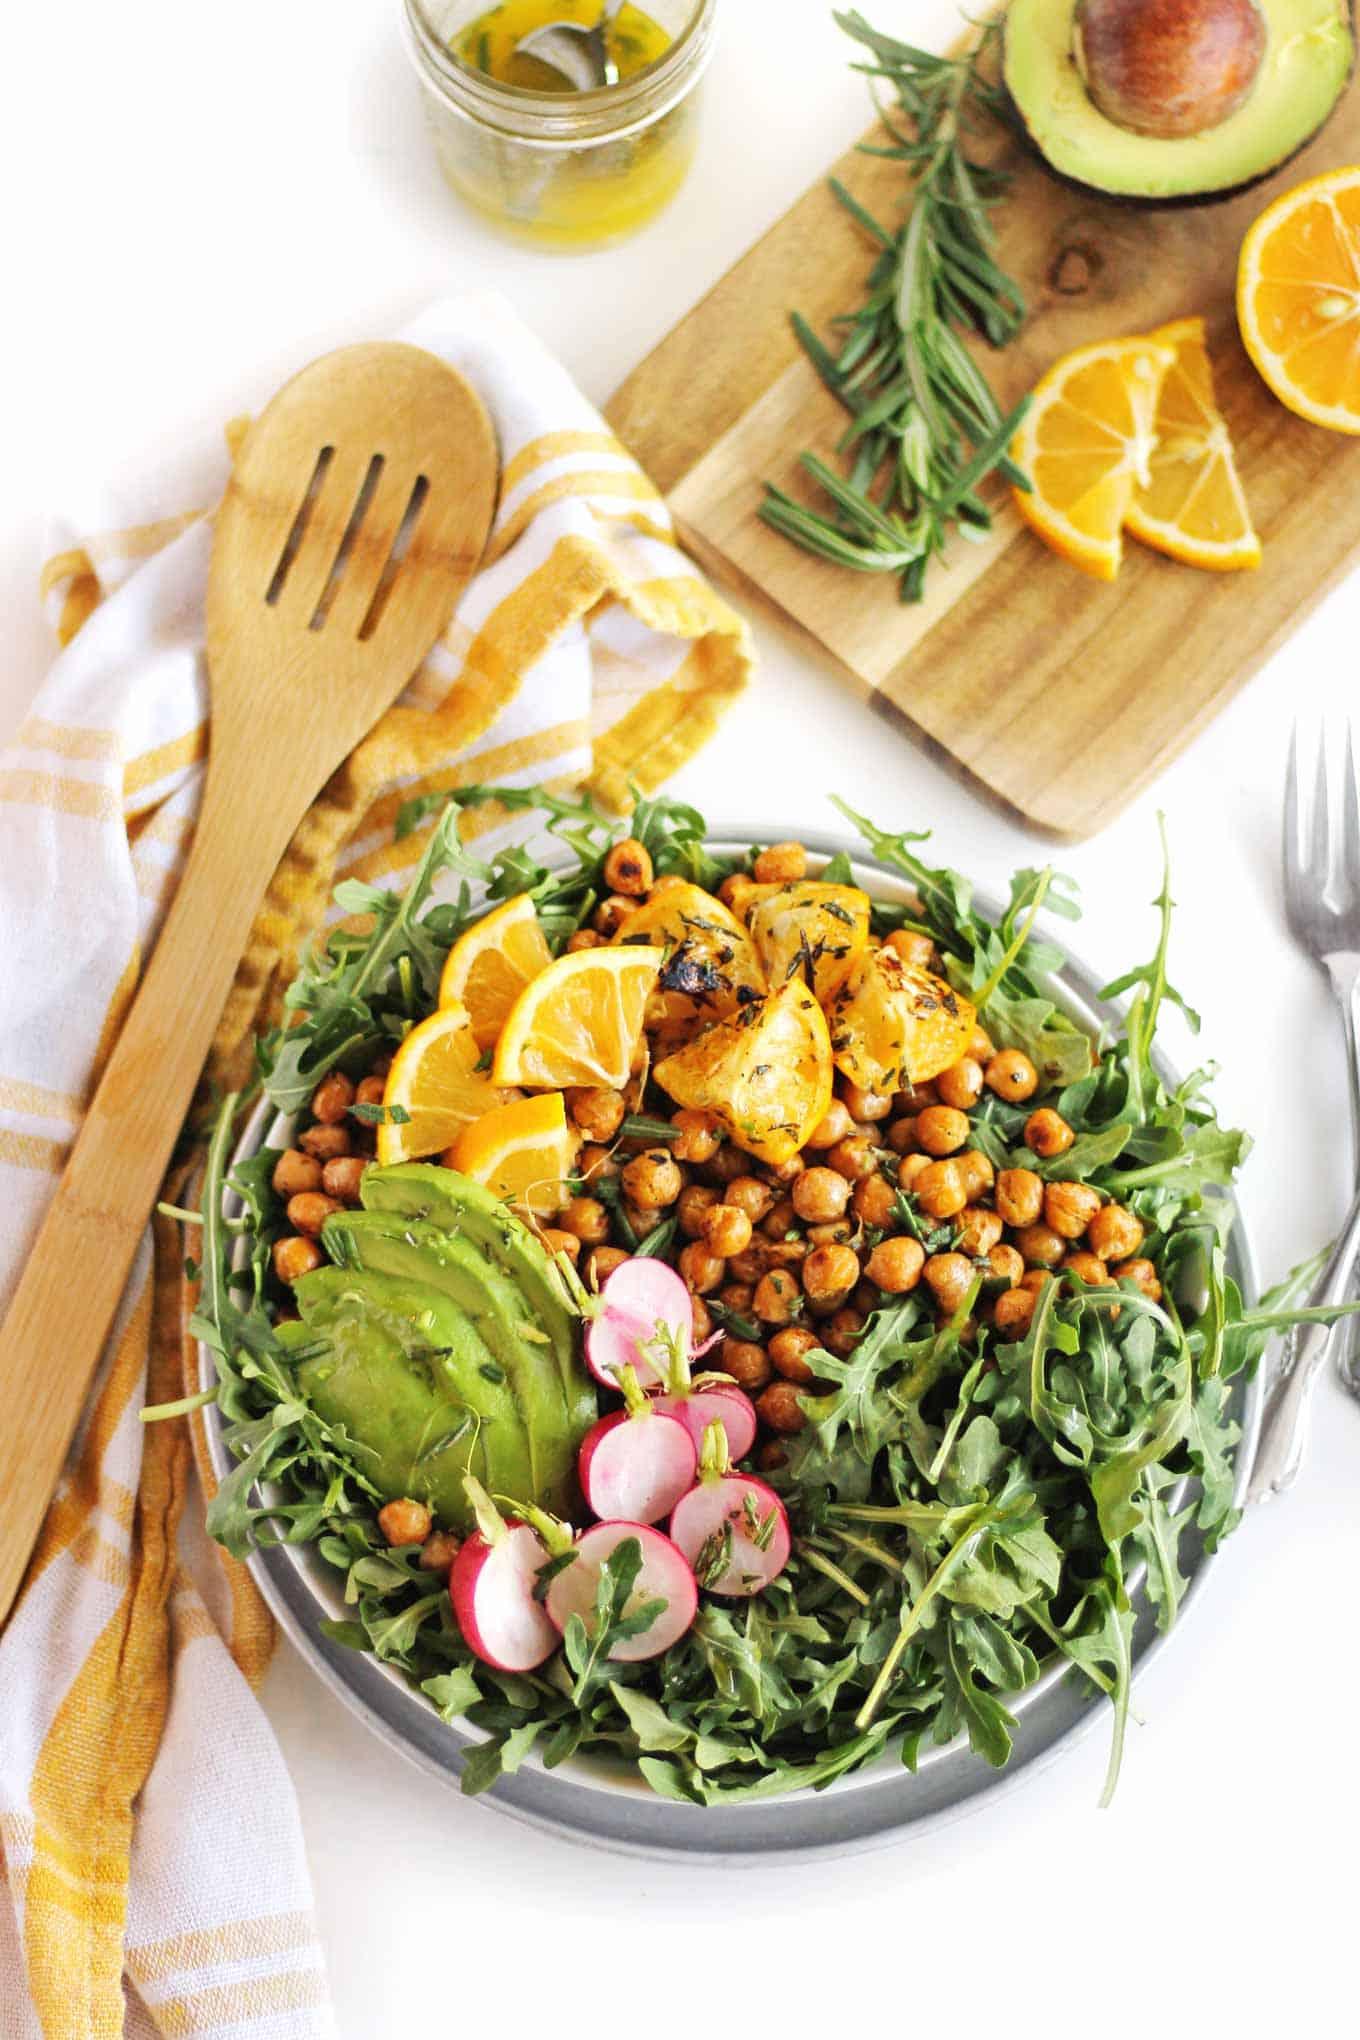 arugula salad with crispy chickpeas